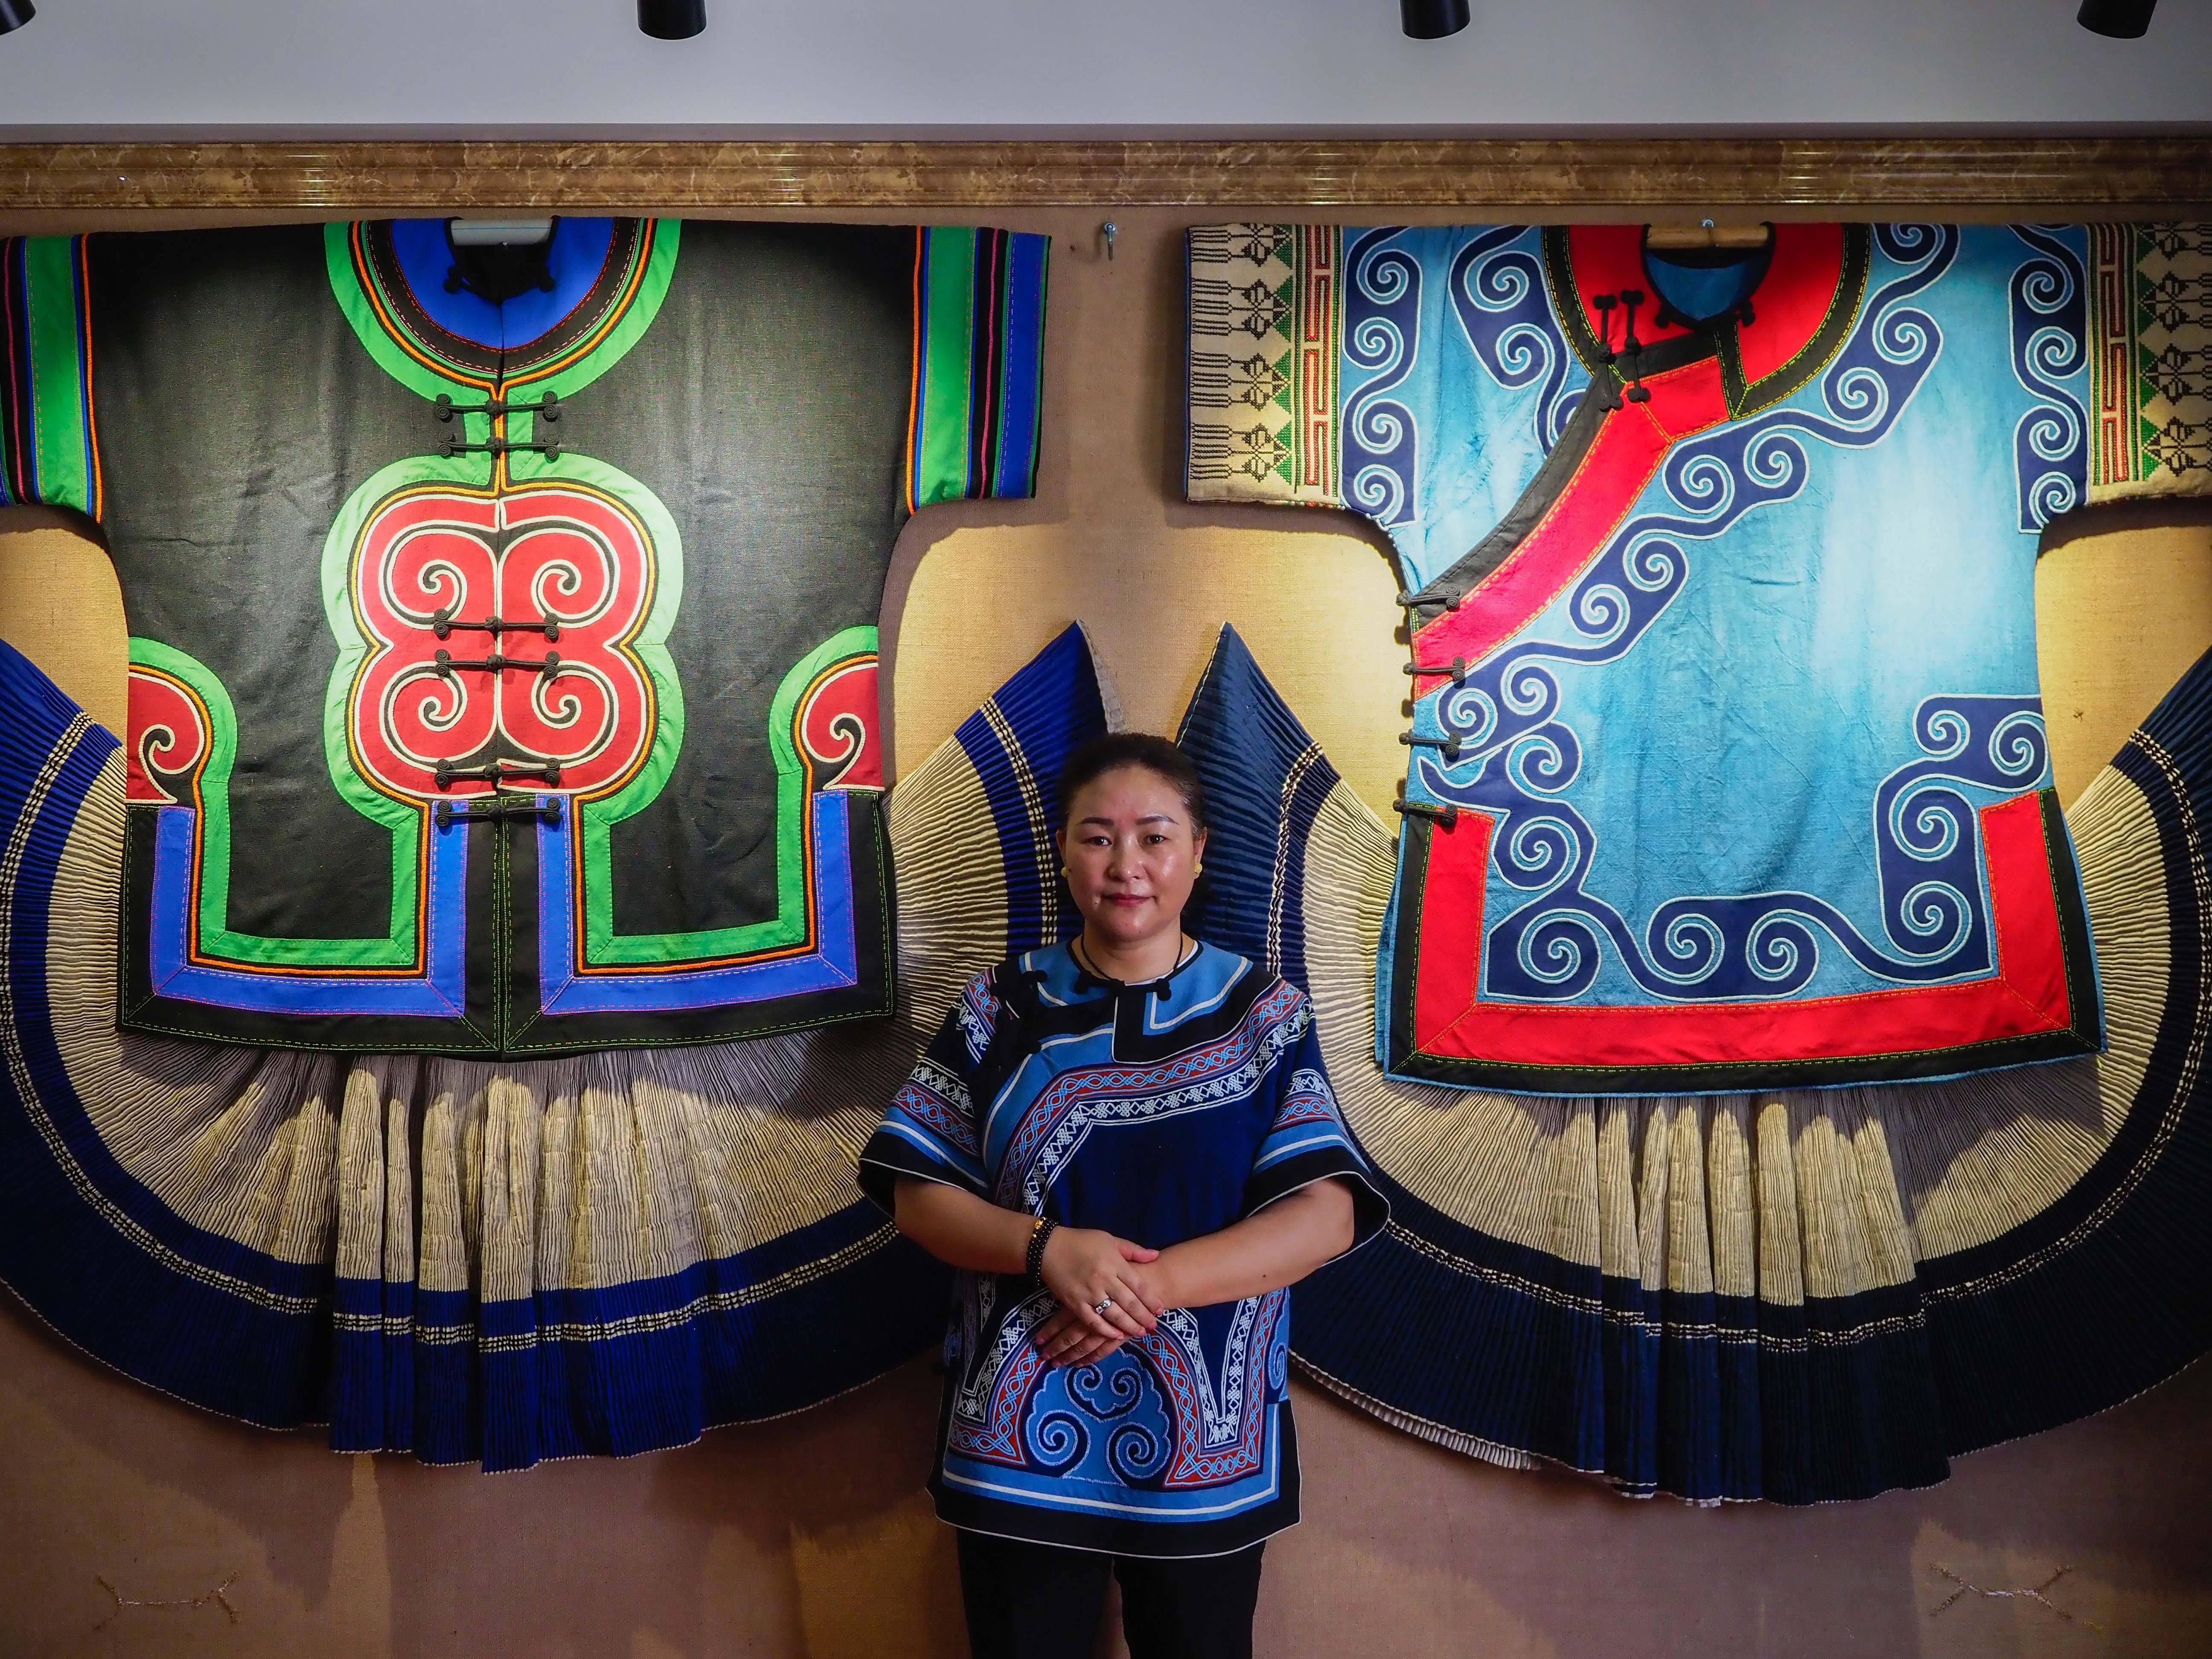 刺繡幫助四川涼山婦女過上自立富足生活